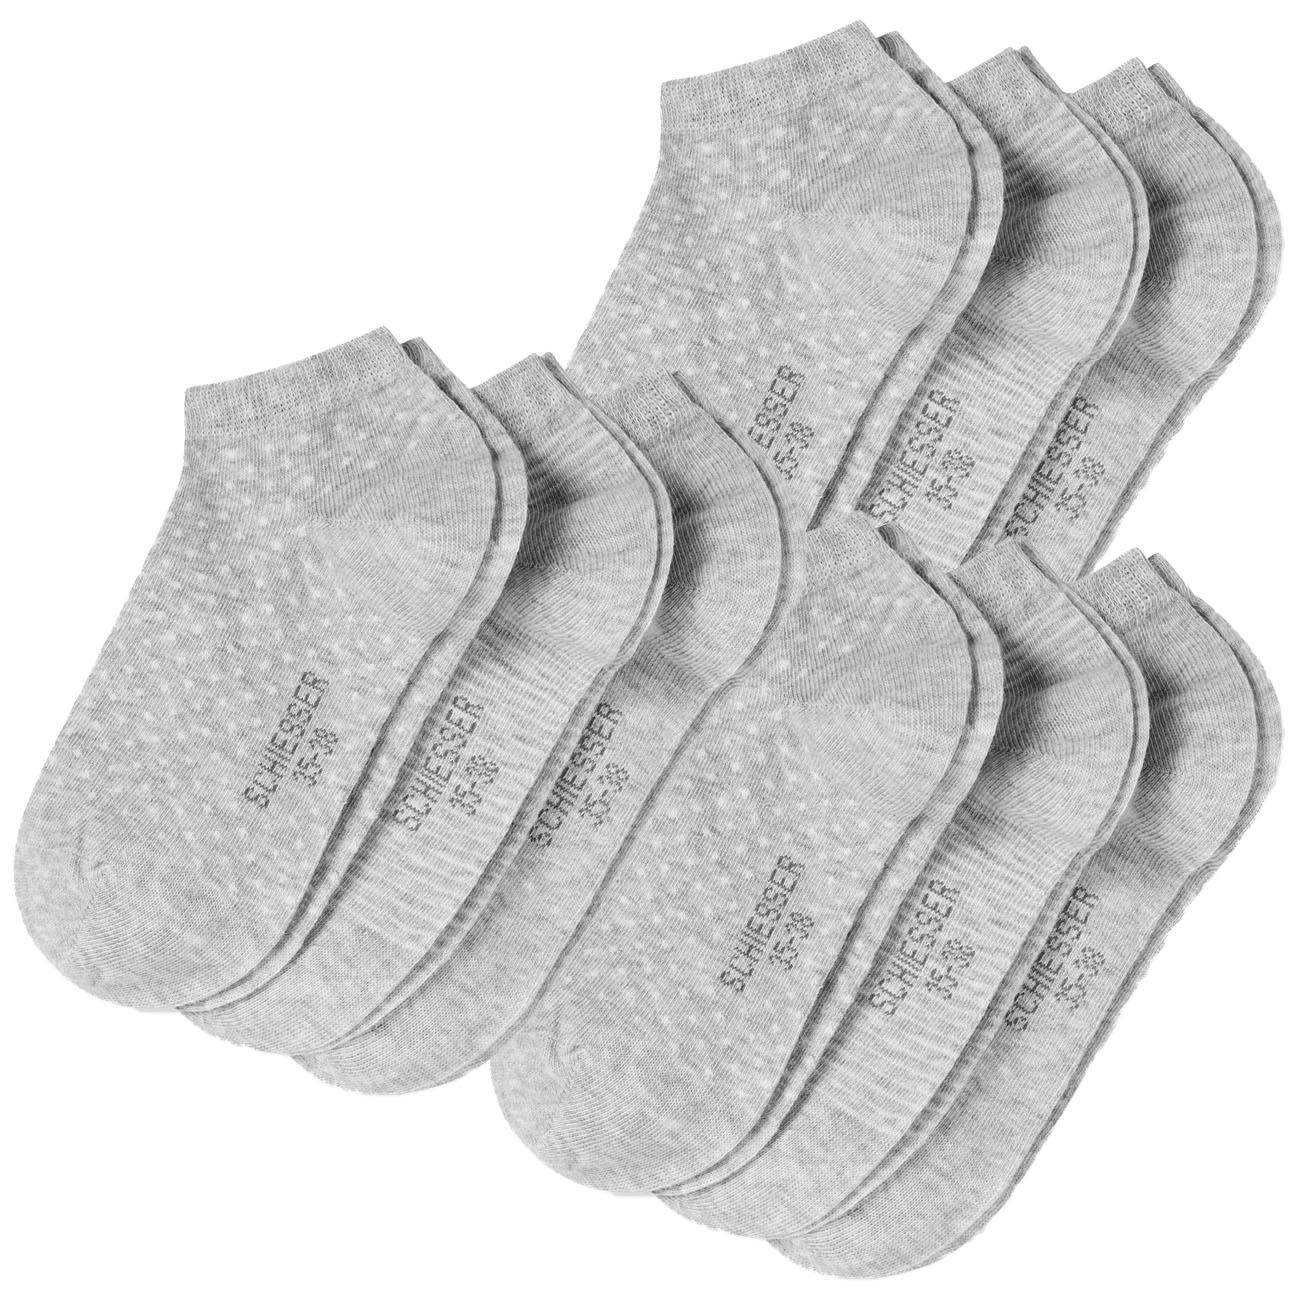 SCHIESSER Damen Sneaker Socken Cotton 9er Pack